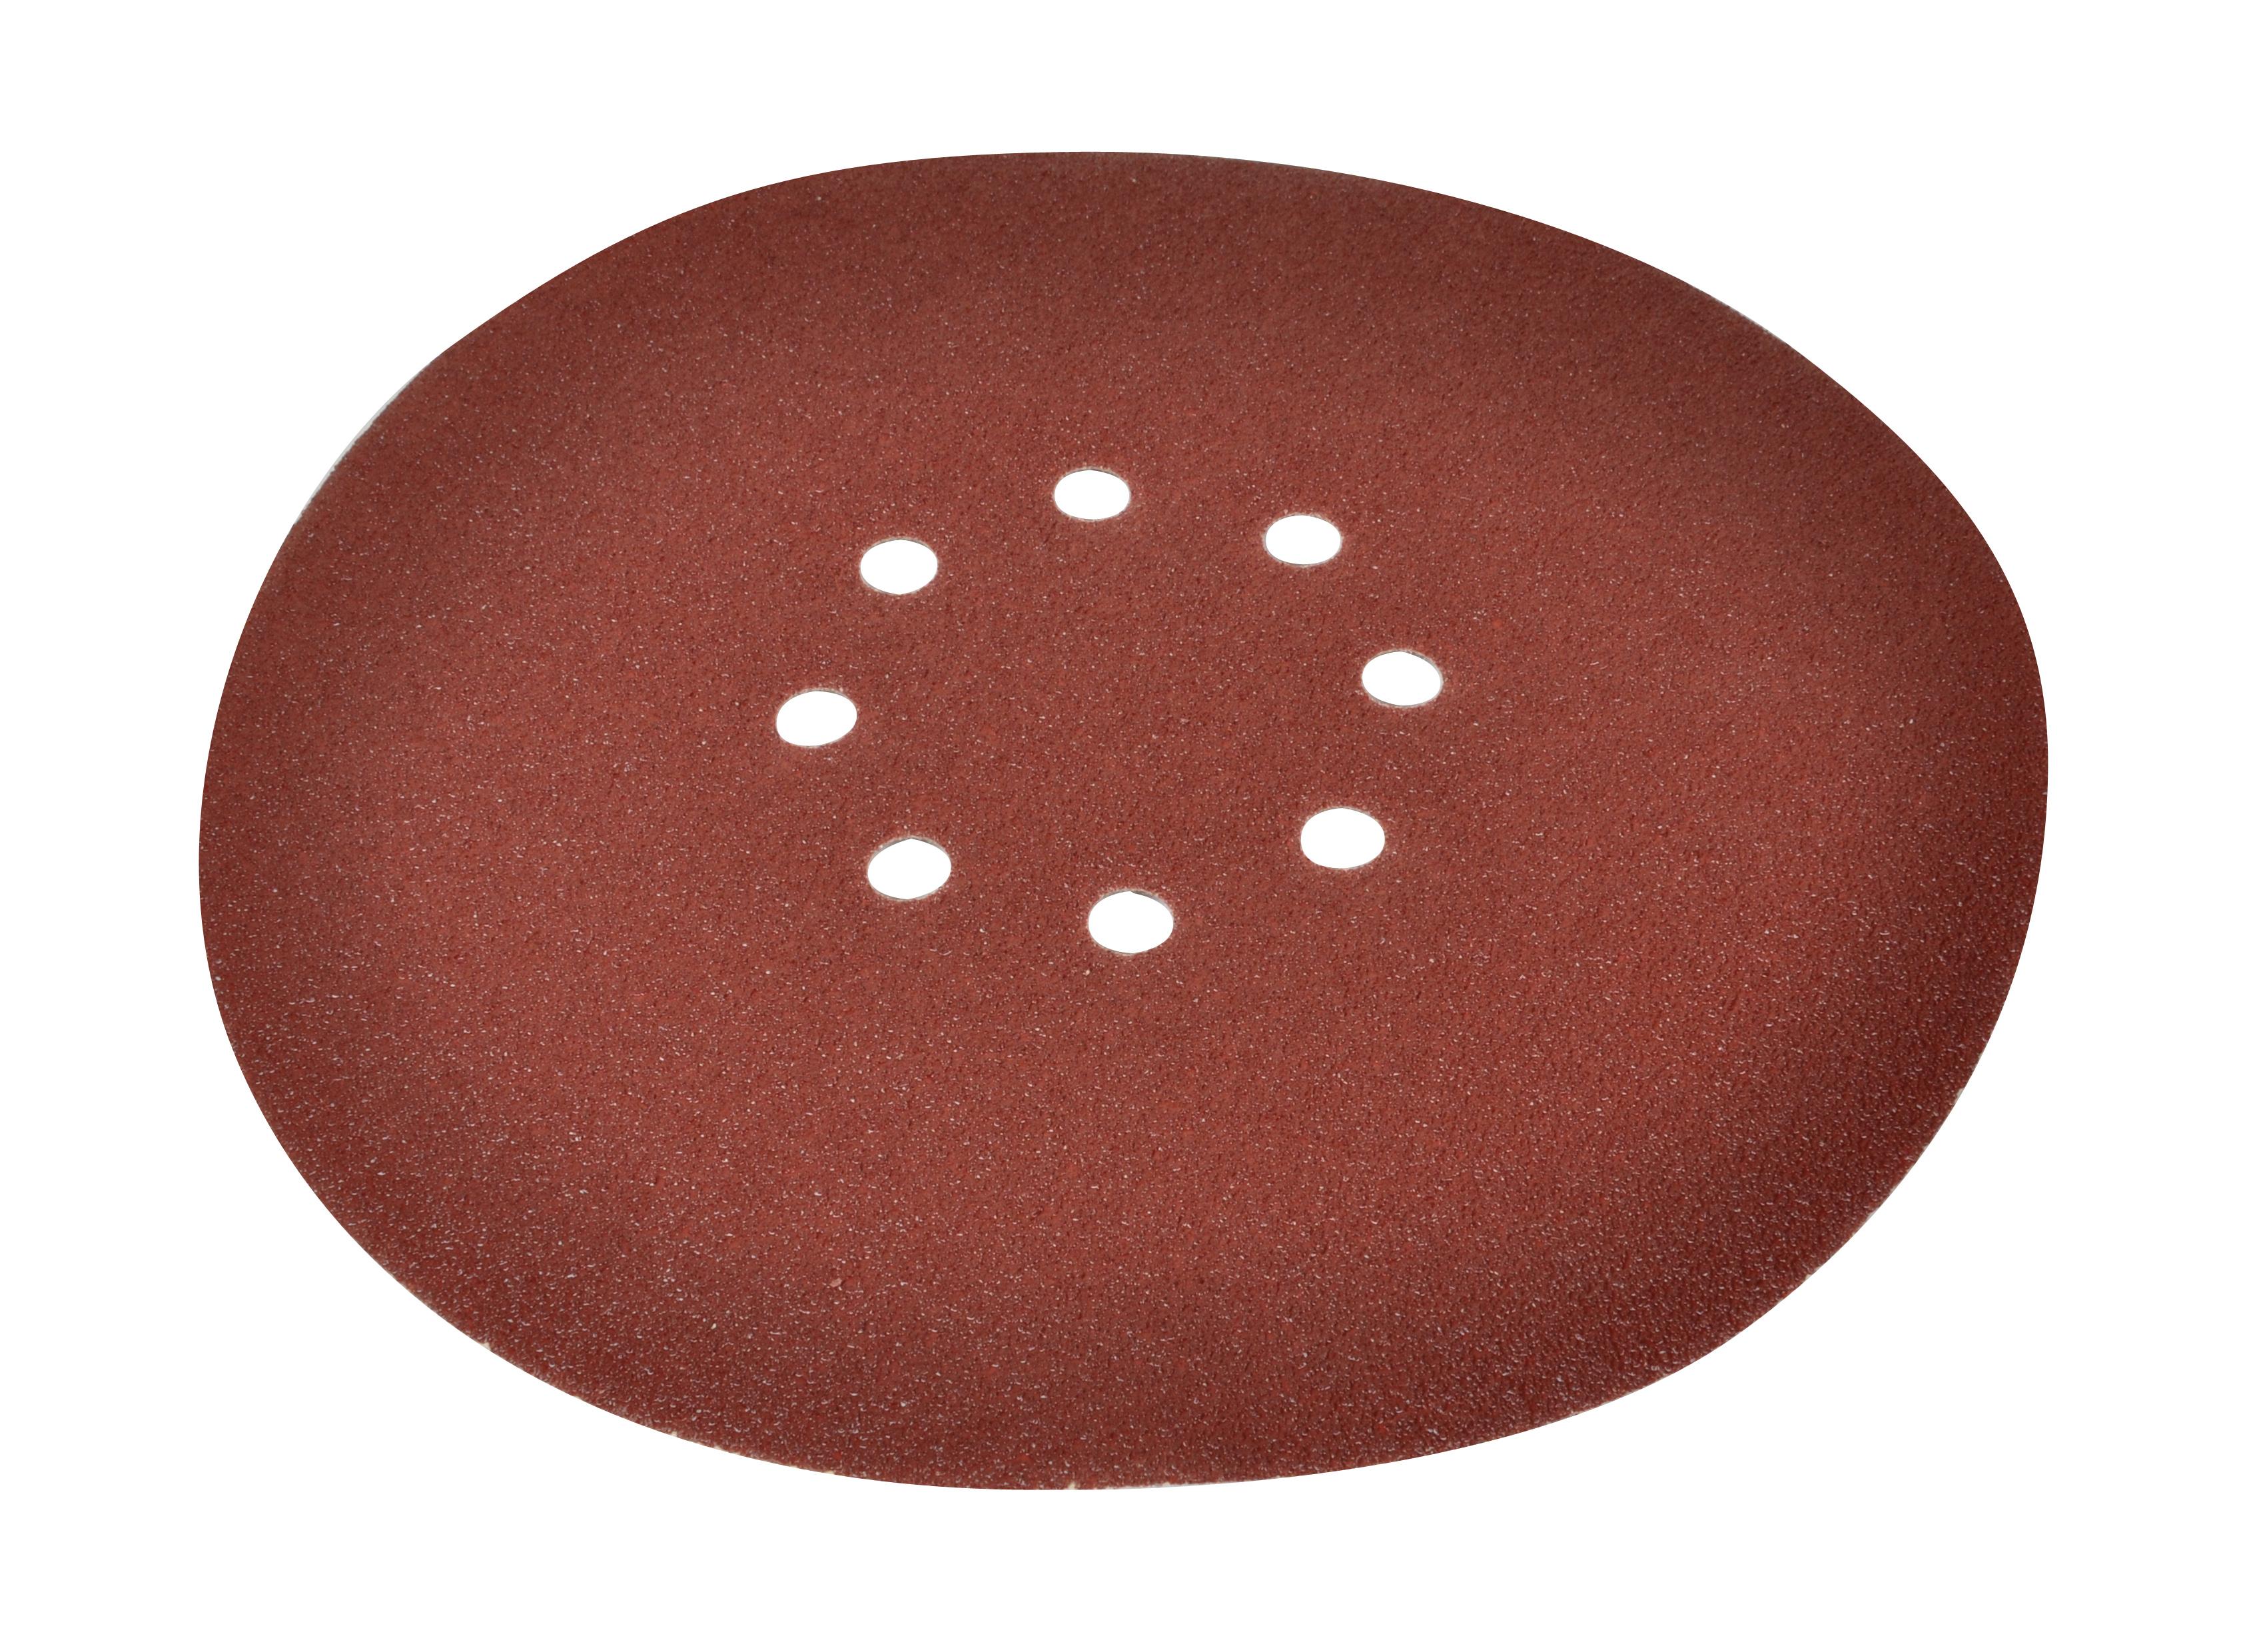 Sanding Disc 60 Grit